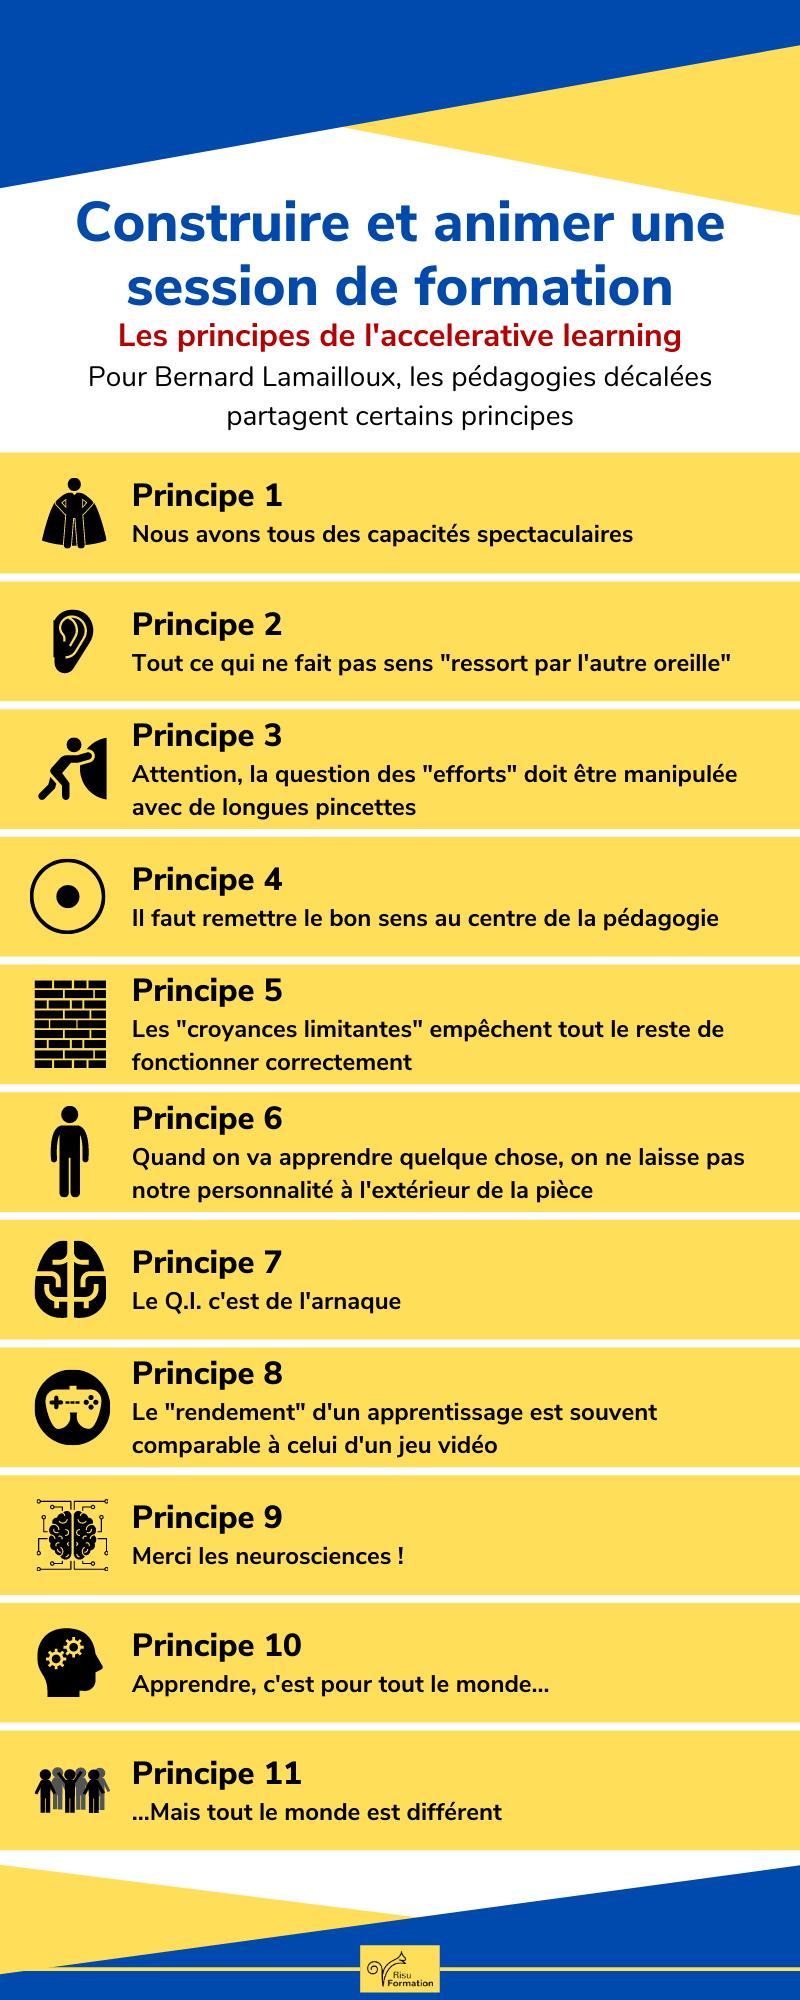 infographie de la semaine : les 11 principes de l'accelerative learning